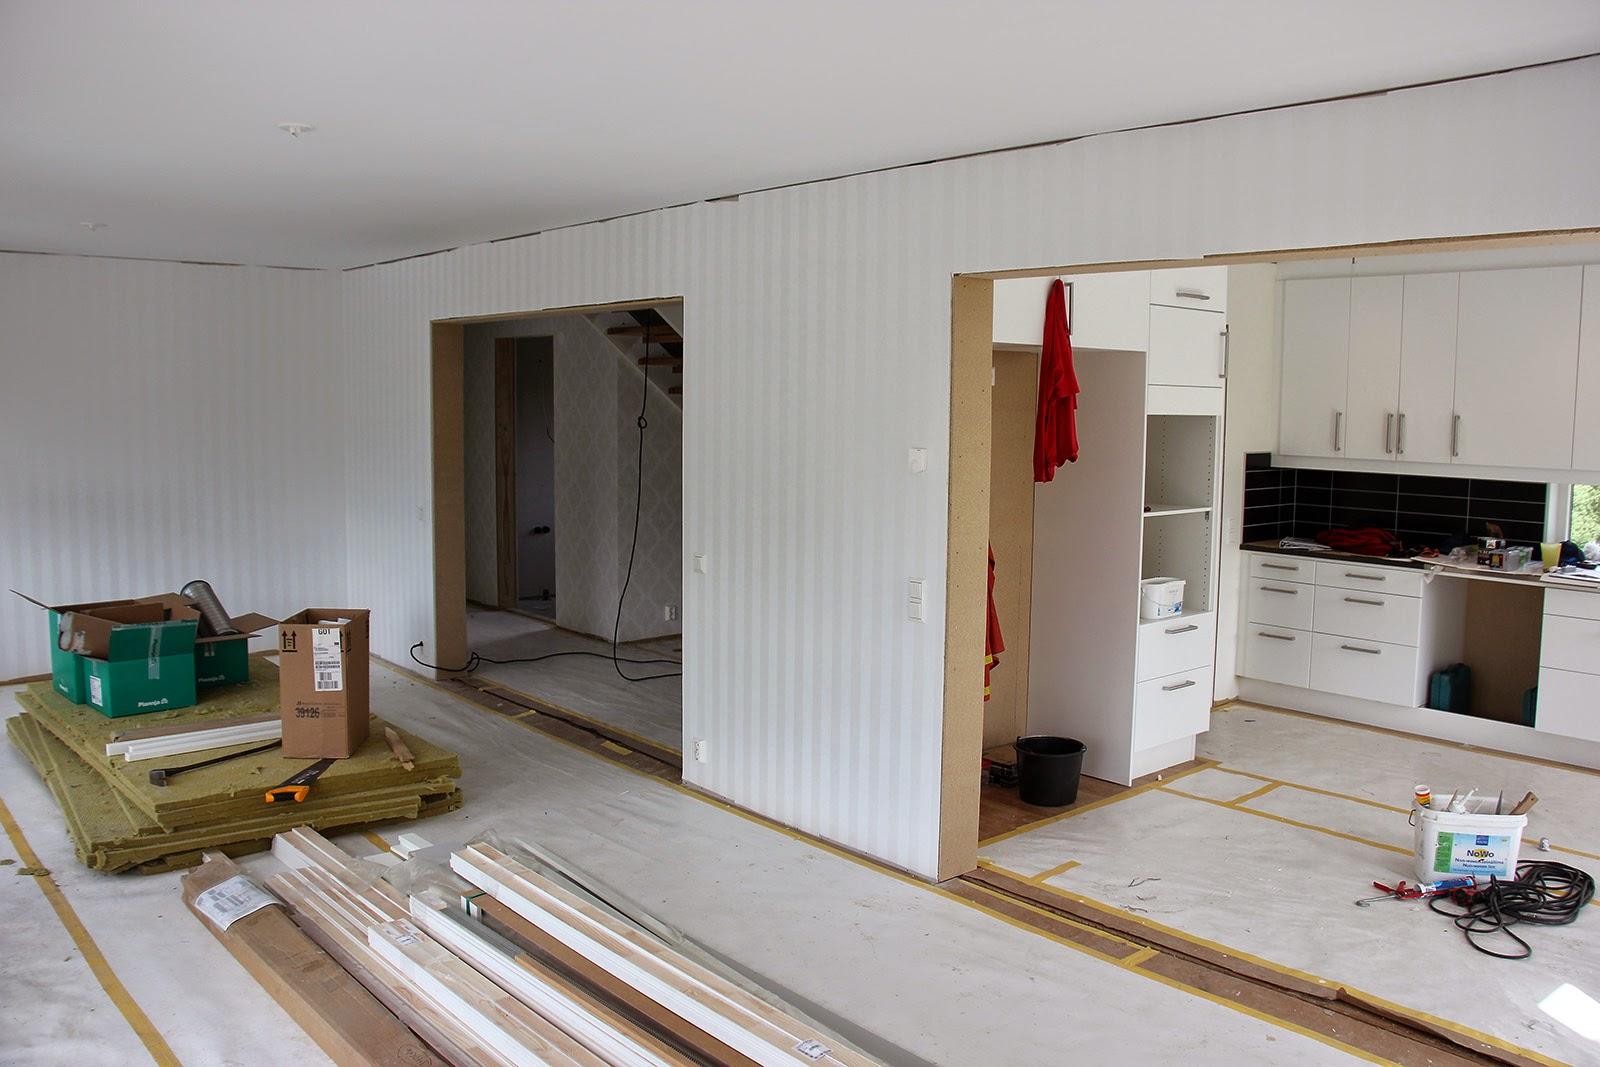 VÃ¥rt hus blir till: Tapeter